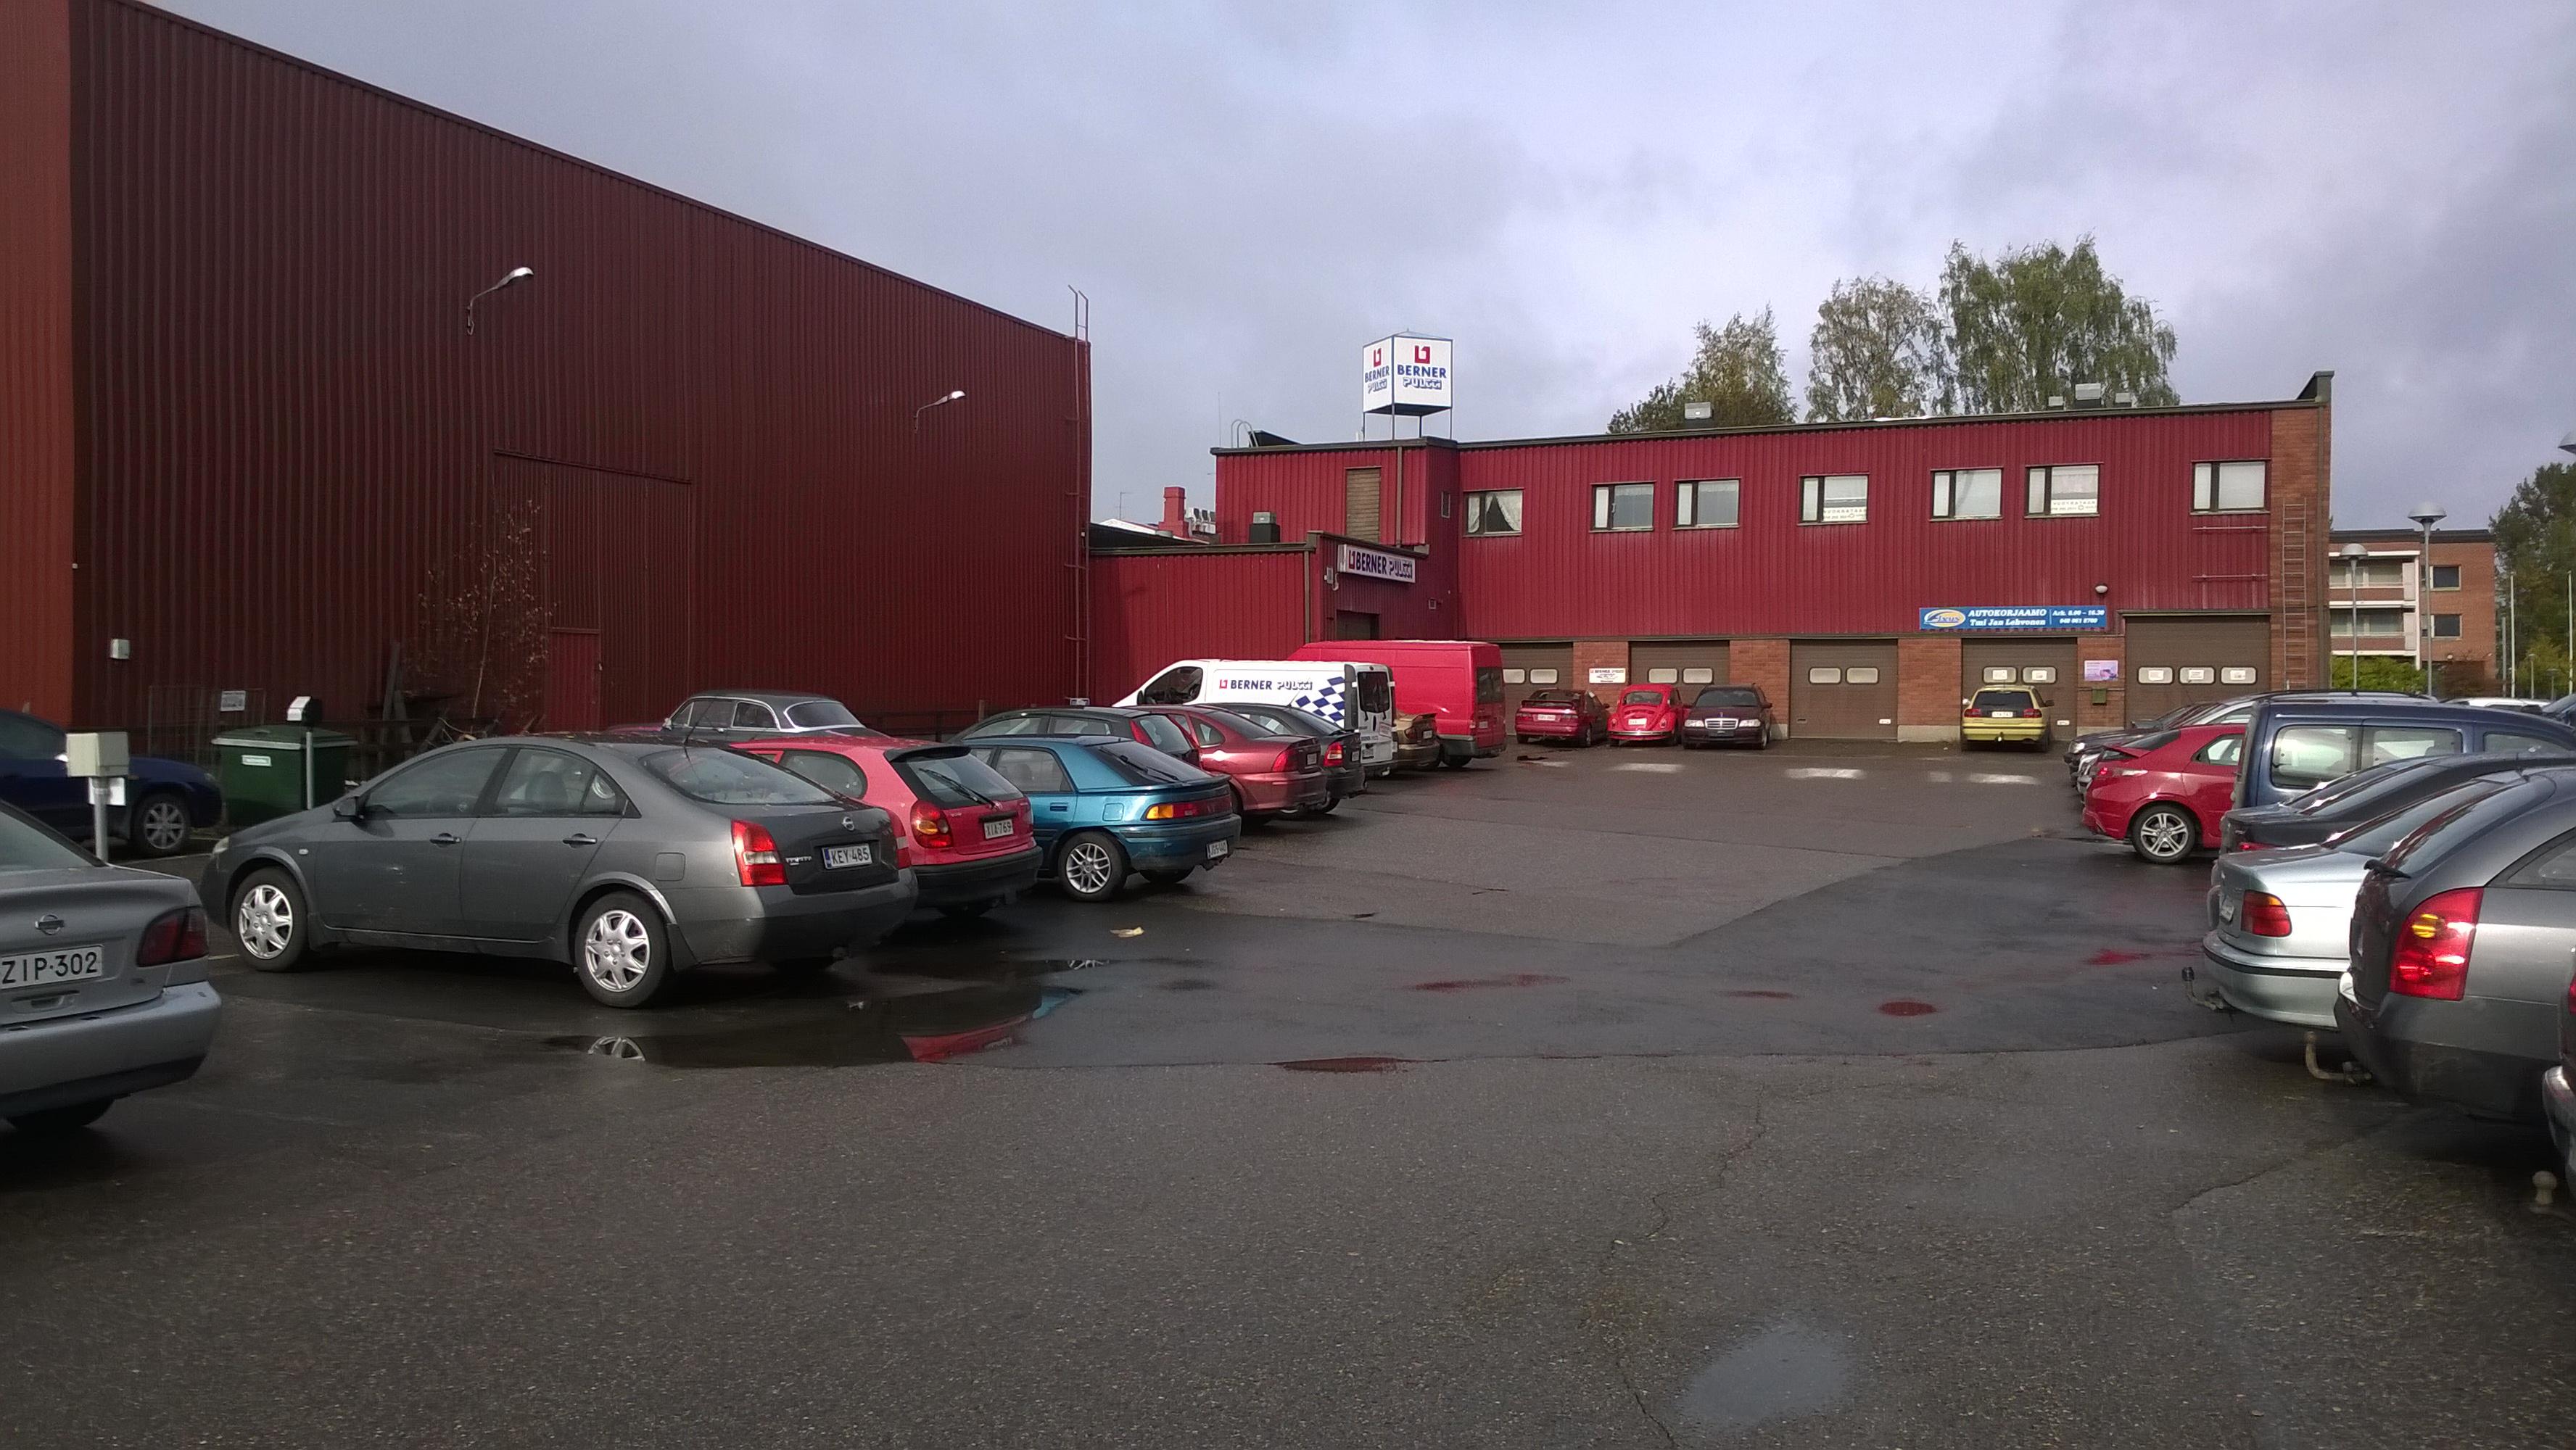 Toimitila, Tallikatu 3-5, Pieksämäen keskusta, Pieksämäki